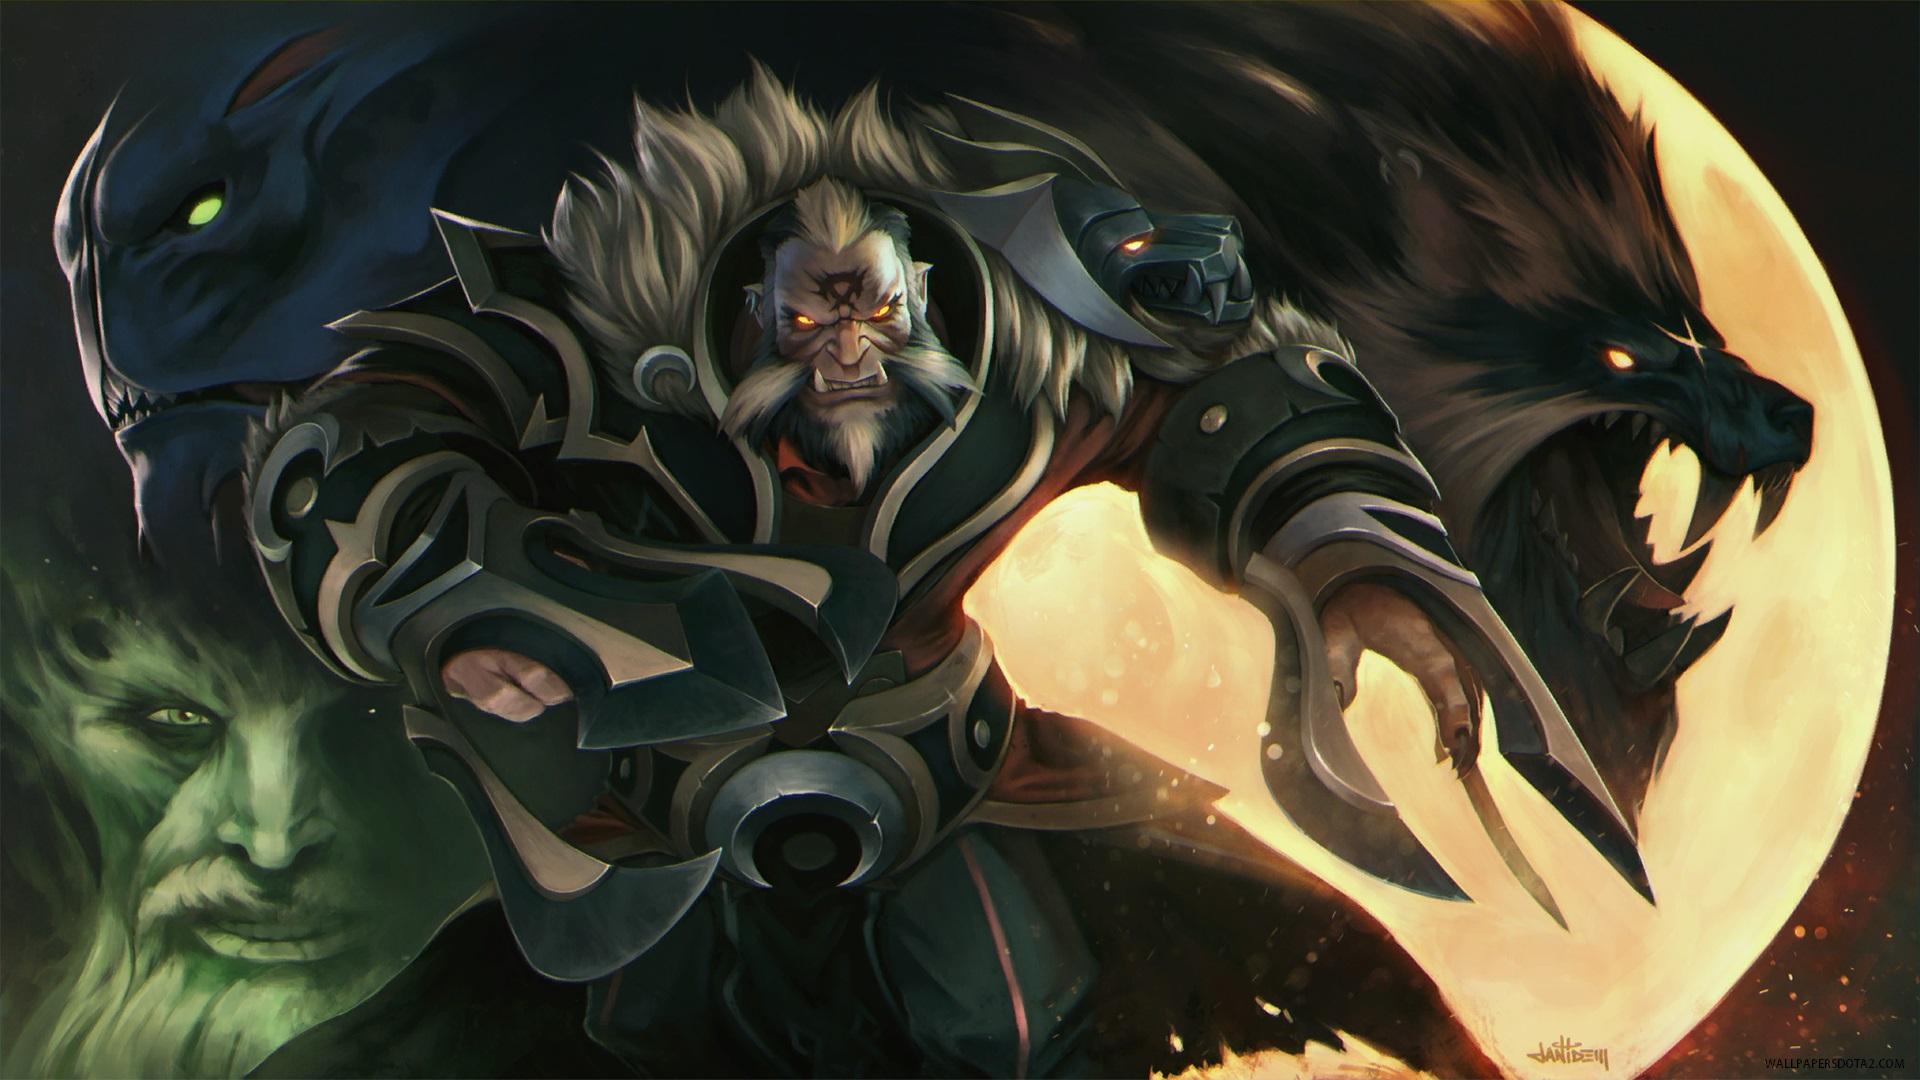 Lycan Hunter of Kings Dota 2 backgrounds for laptops